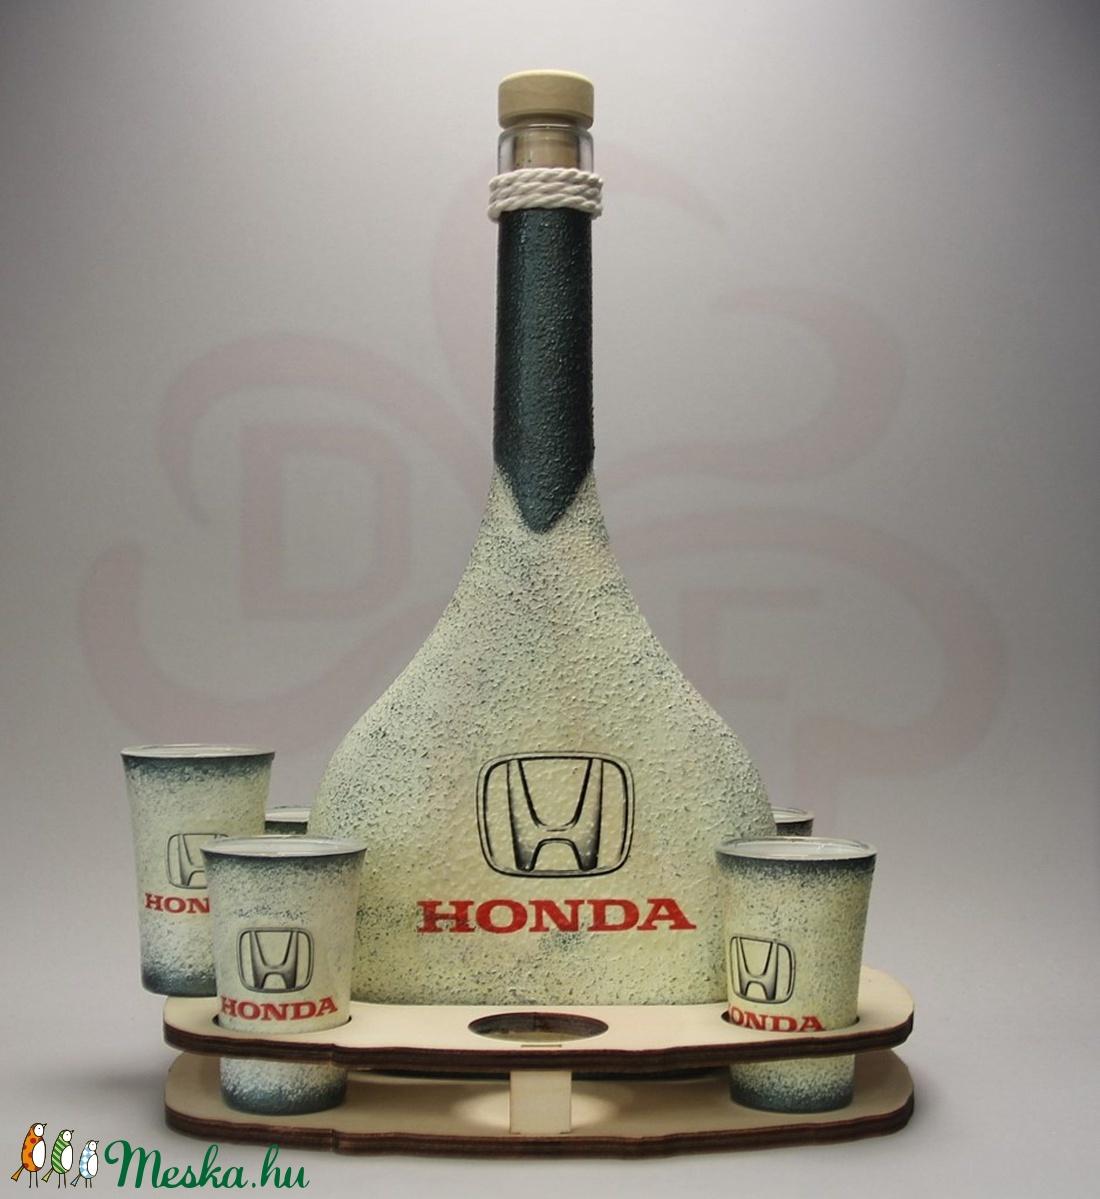 HONDA ital tartó ; Saját Honda autód fotójával is  - Meska.hu